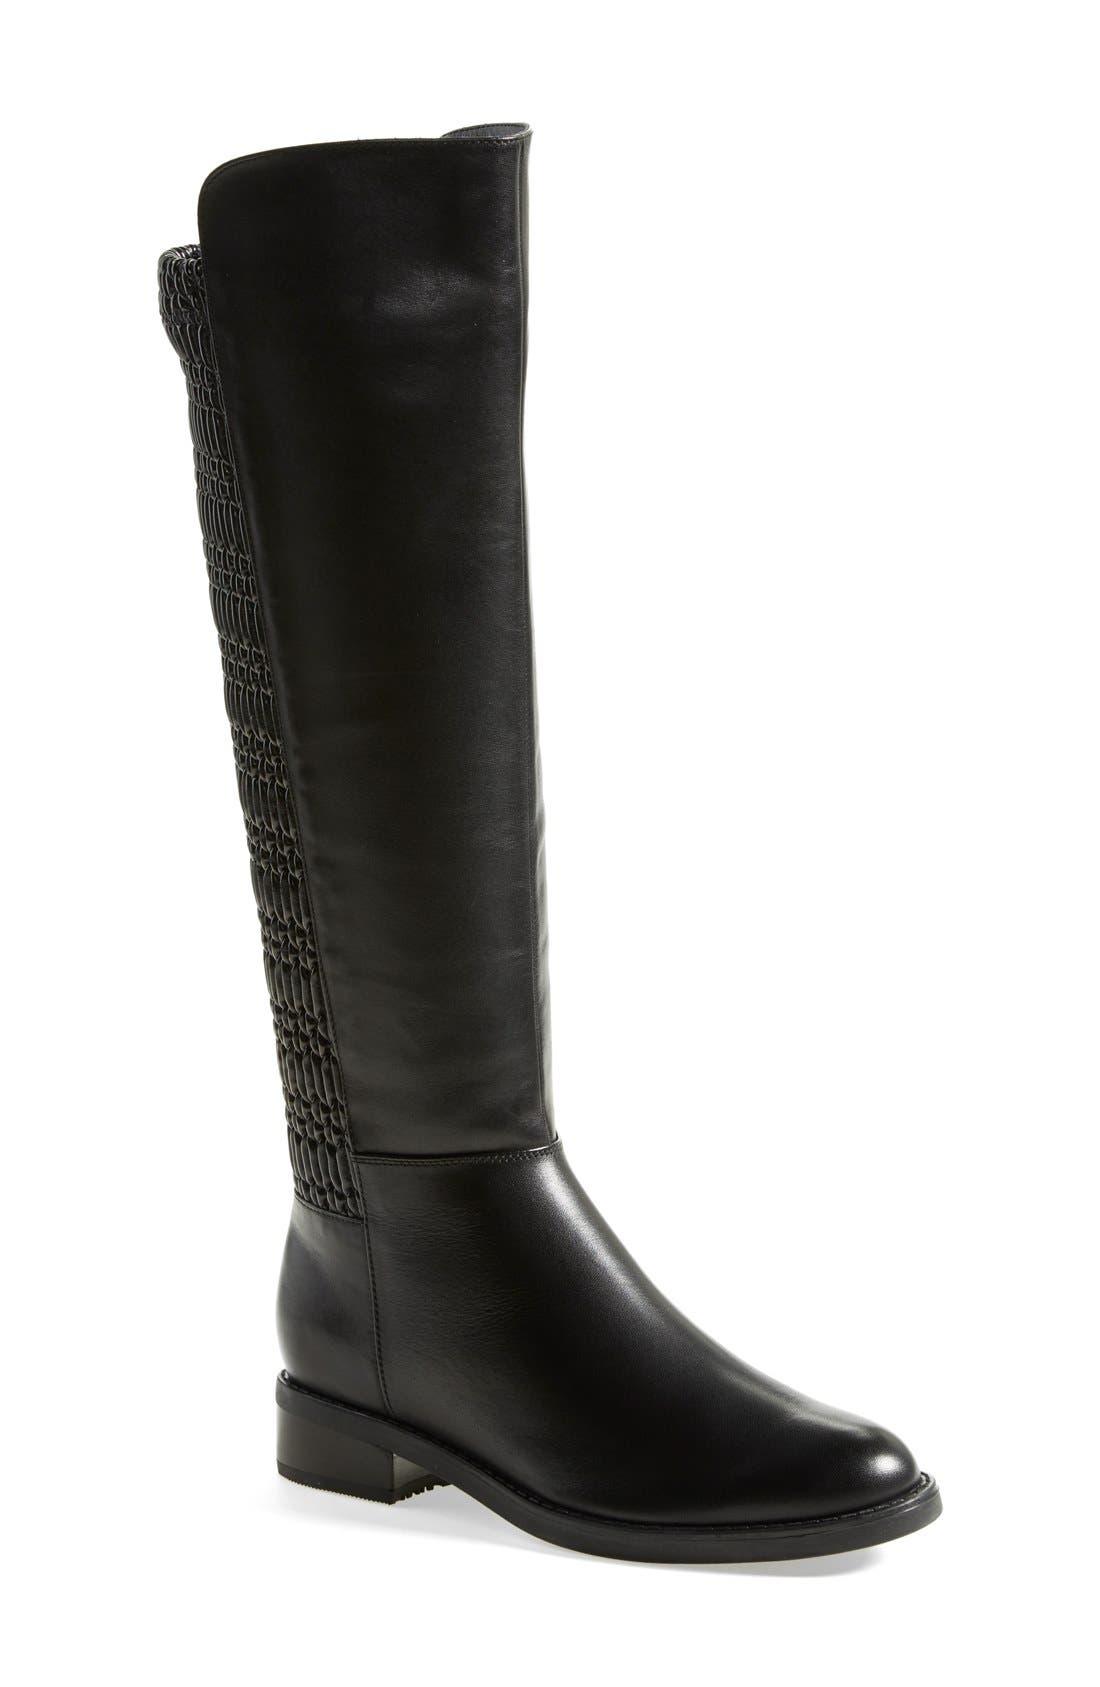 Main Image - Blondo 'Elenor' Waterproof Riding Boot (Women)